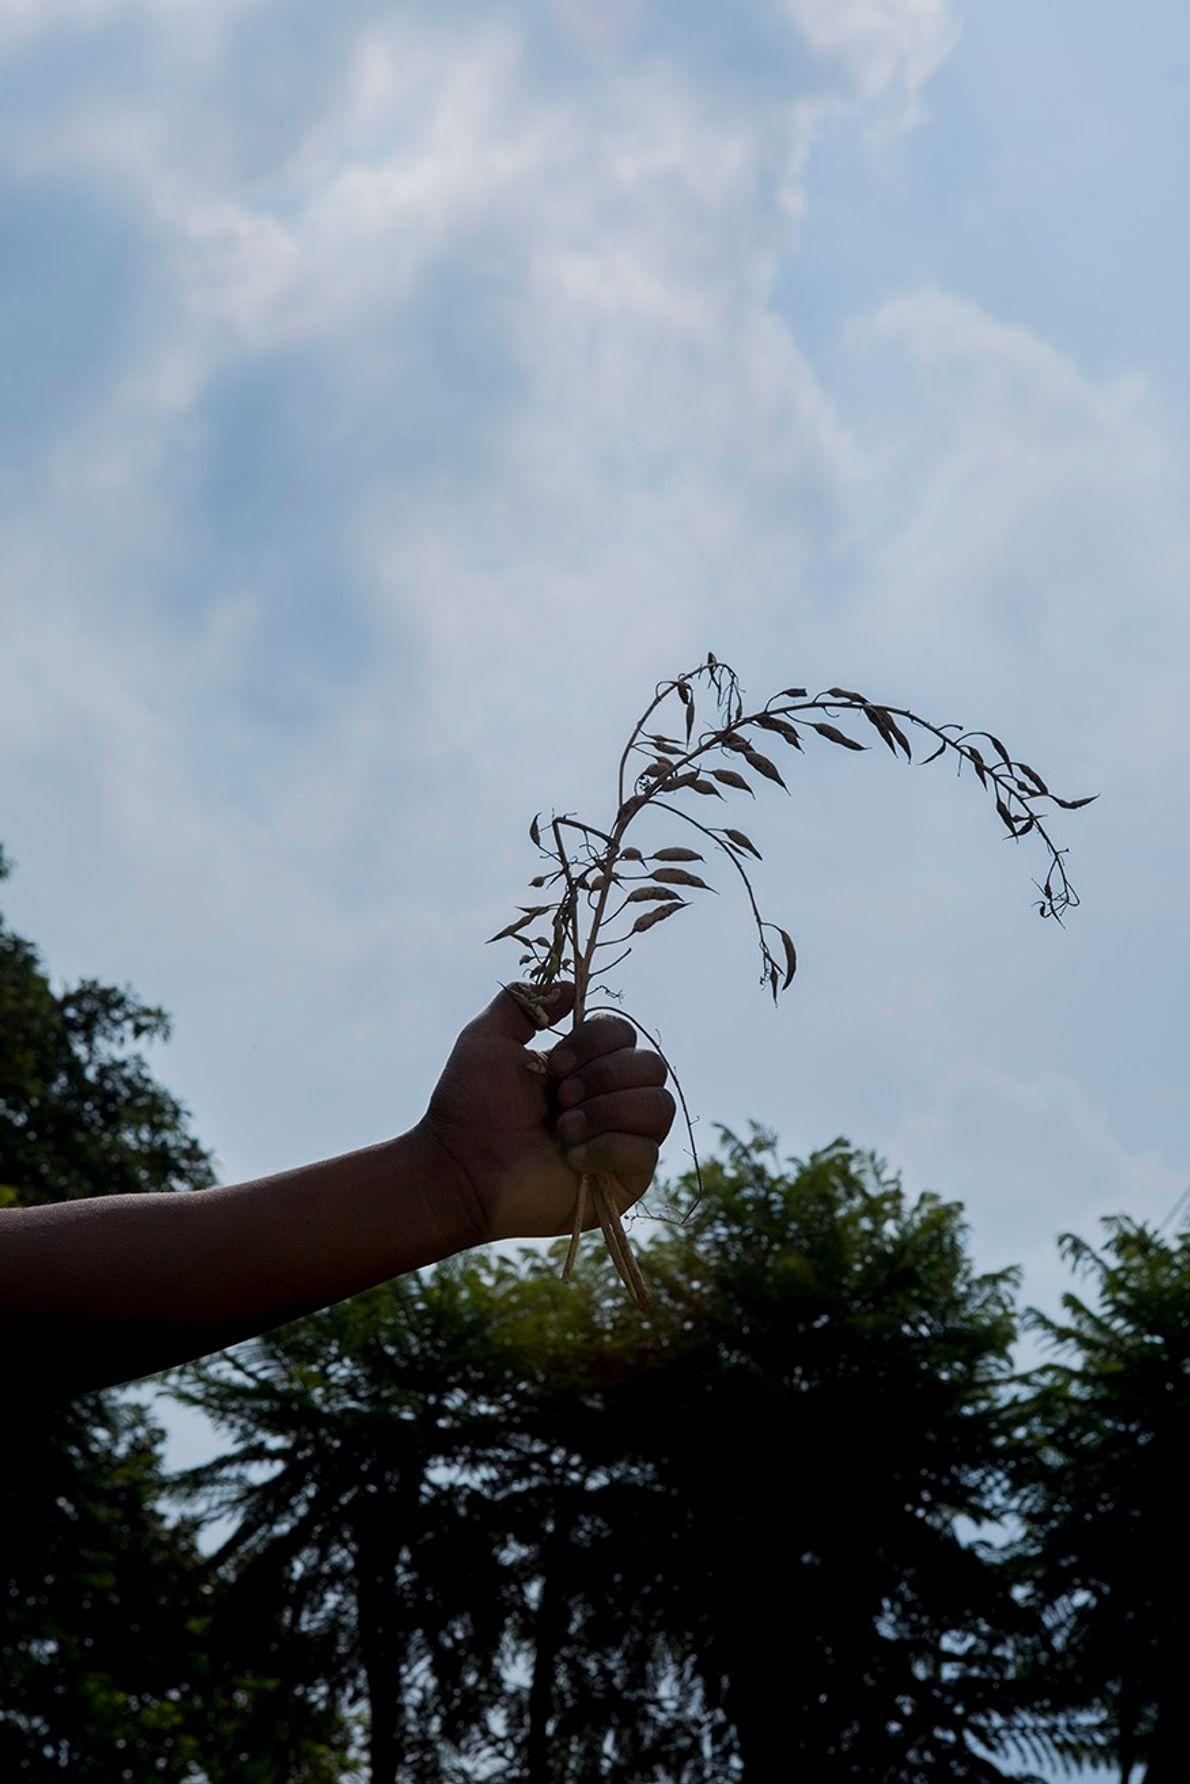 La mano de Marcelo, un joven que trabaja en su huerto para cosechar y almacenar semillas ...